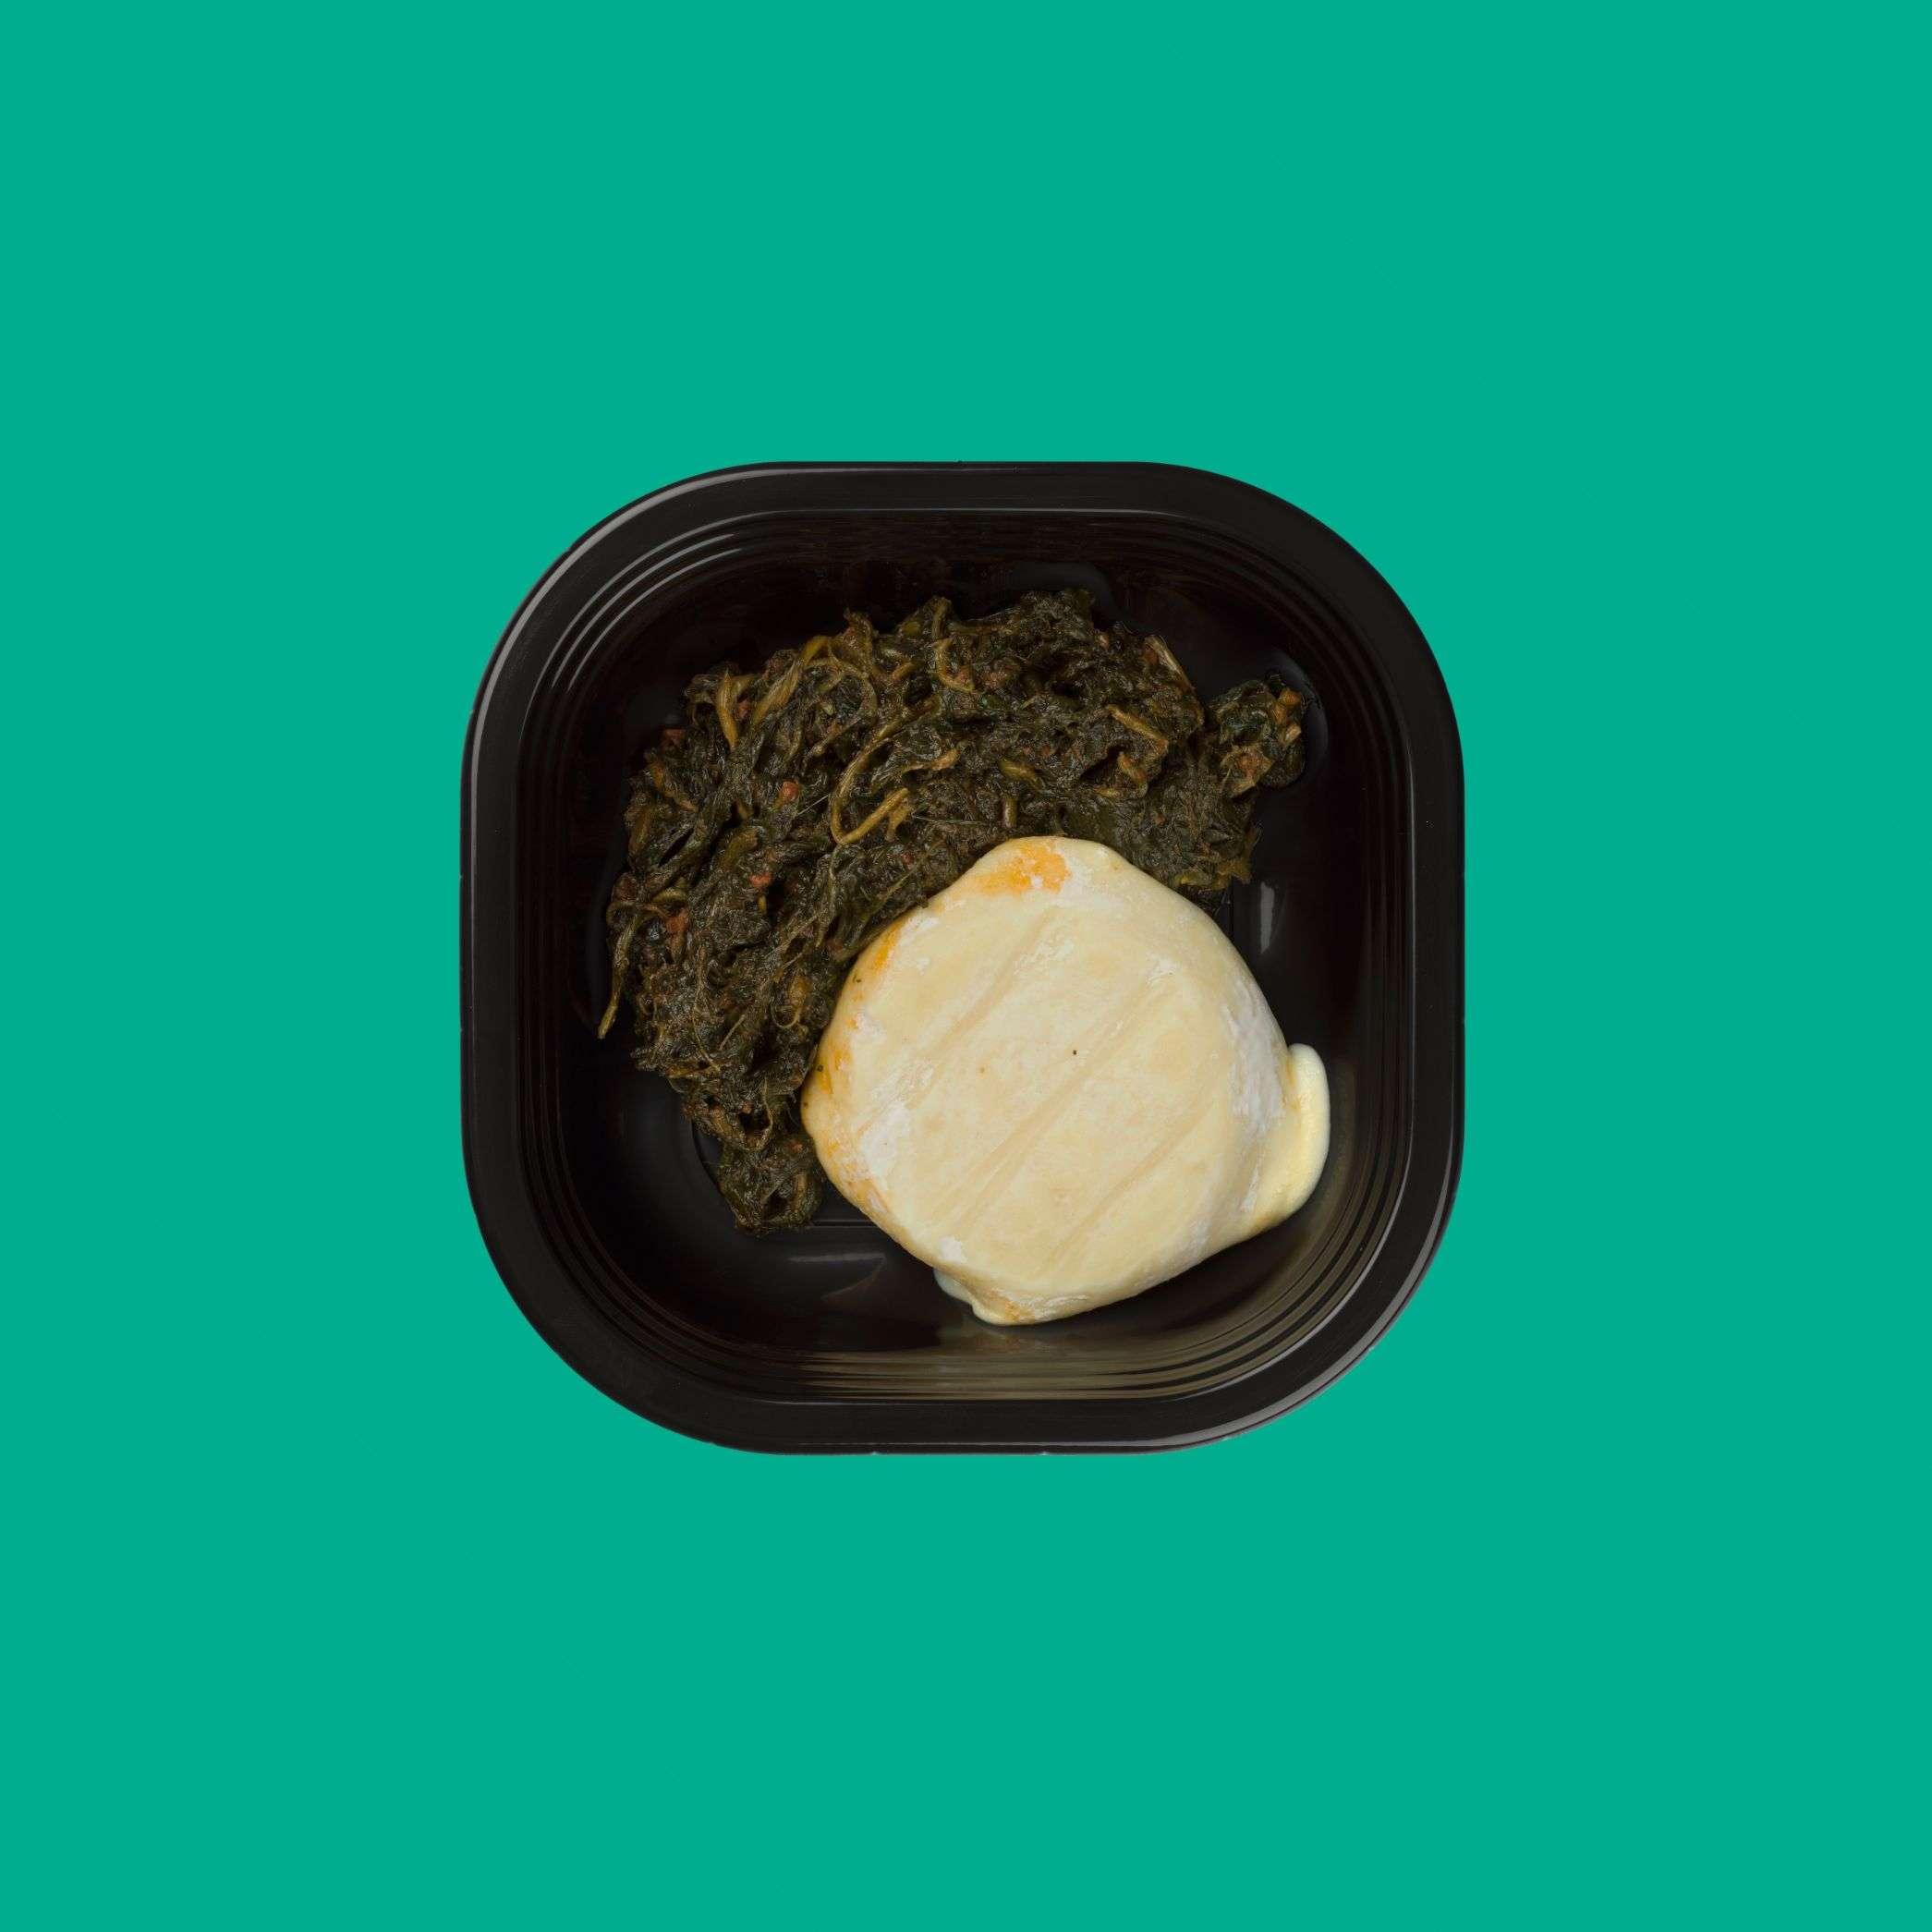 tomino-piatto-pronto-secondo-veg